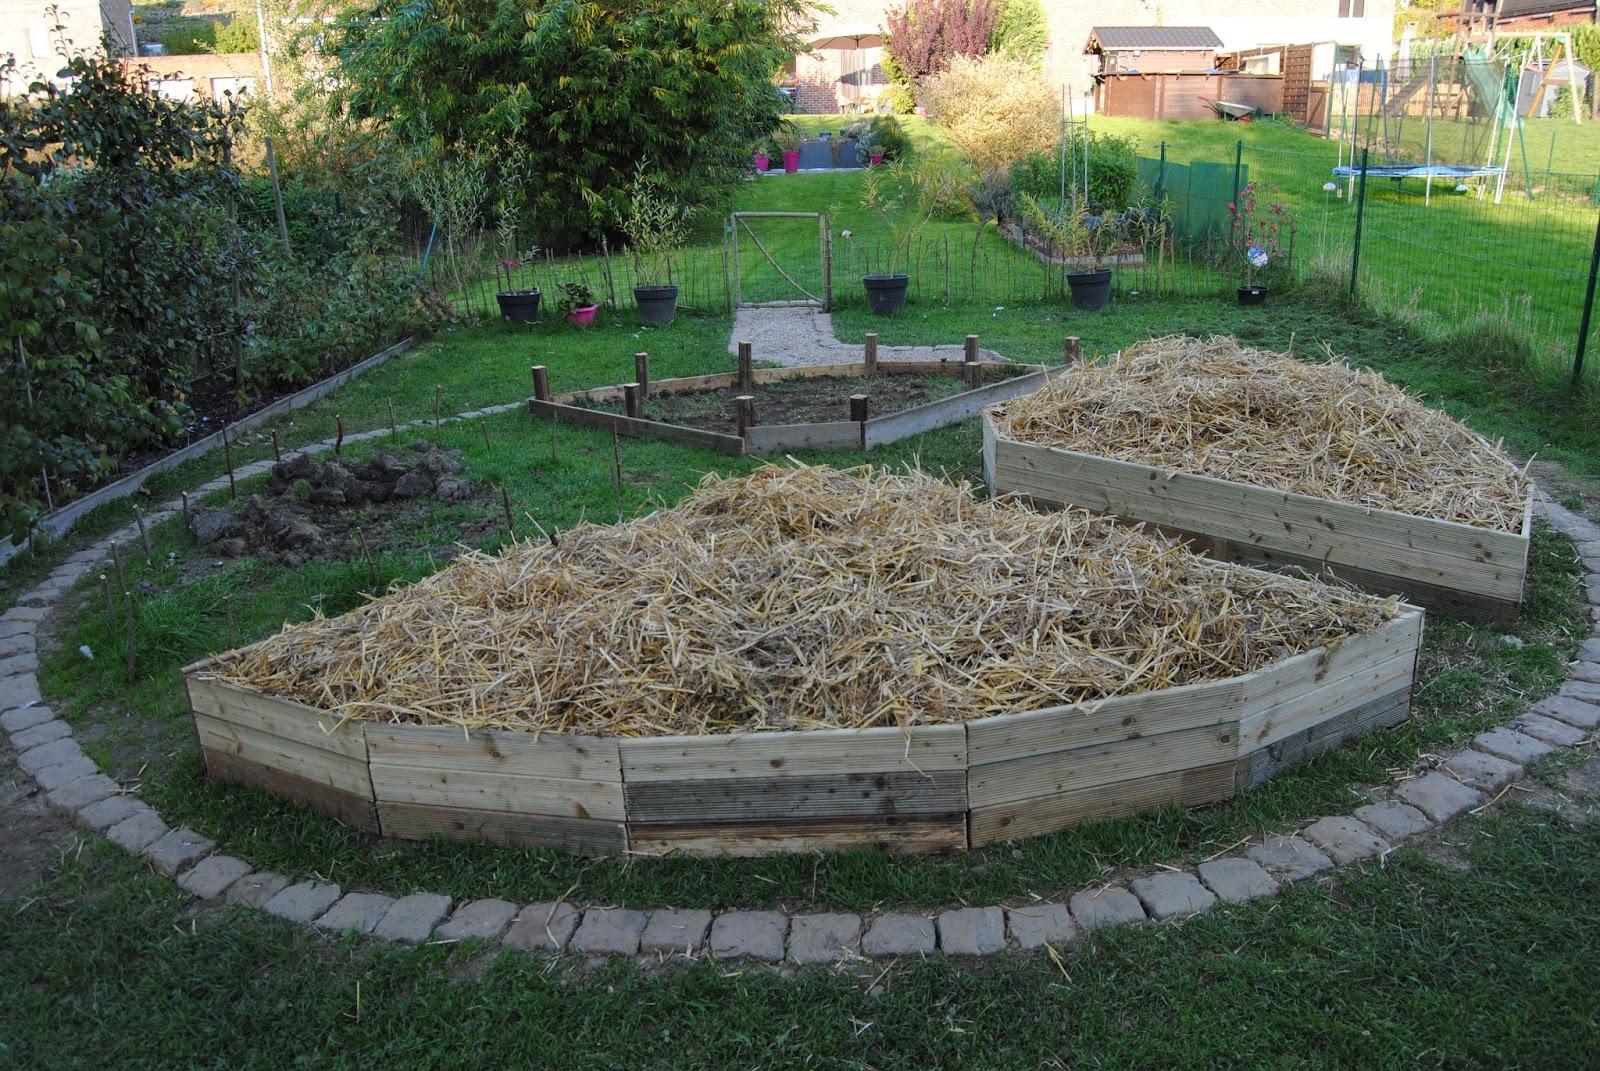 c 39 est le moment notre vie change permaculture notre jardin mandala 1 introduction. Black Bedroom Furniture Sets. Home Design Ideas